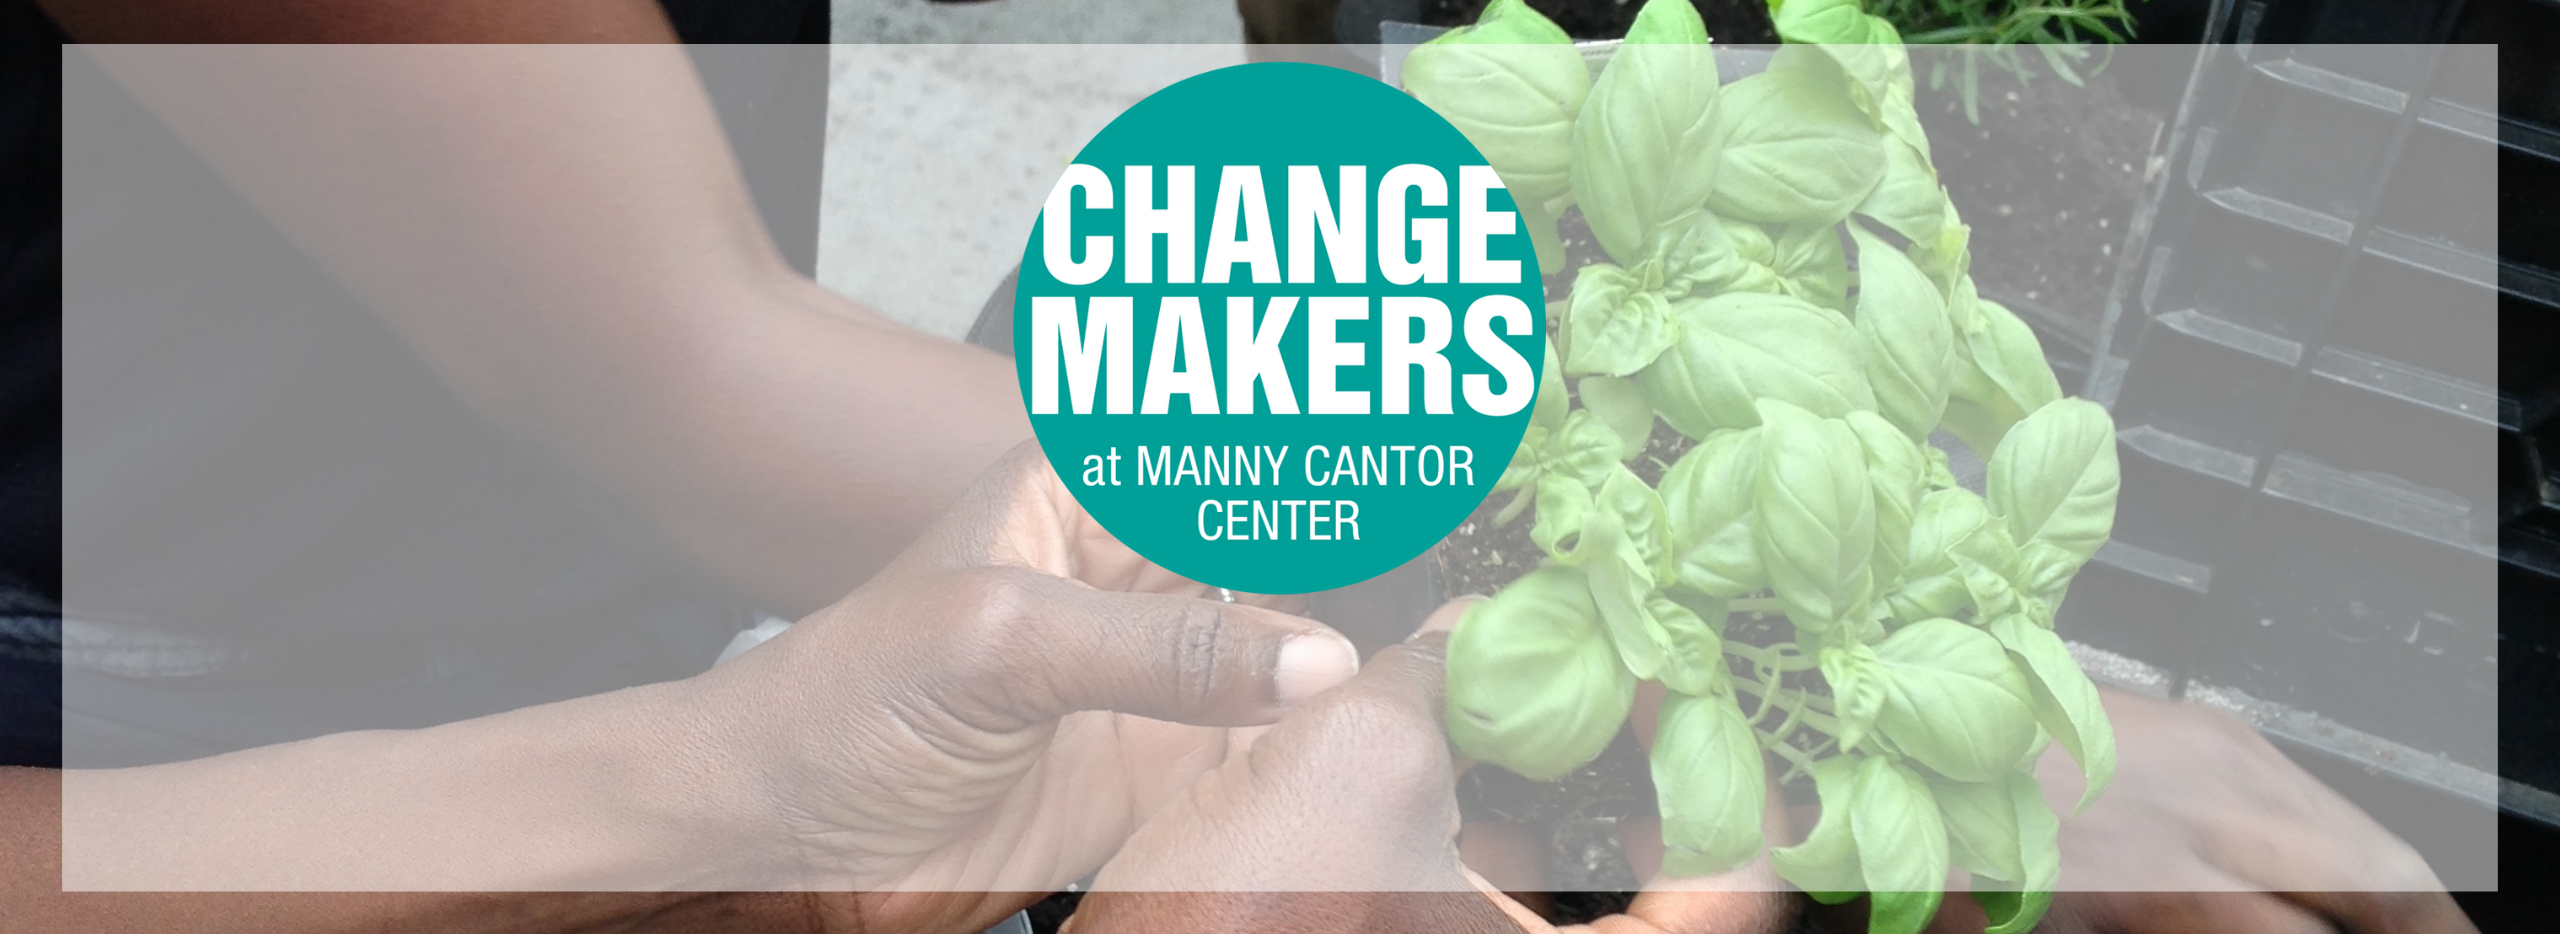 Change Makers Header Image